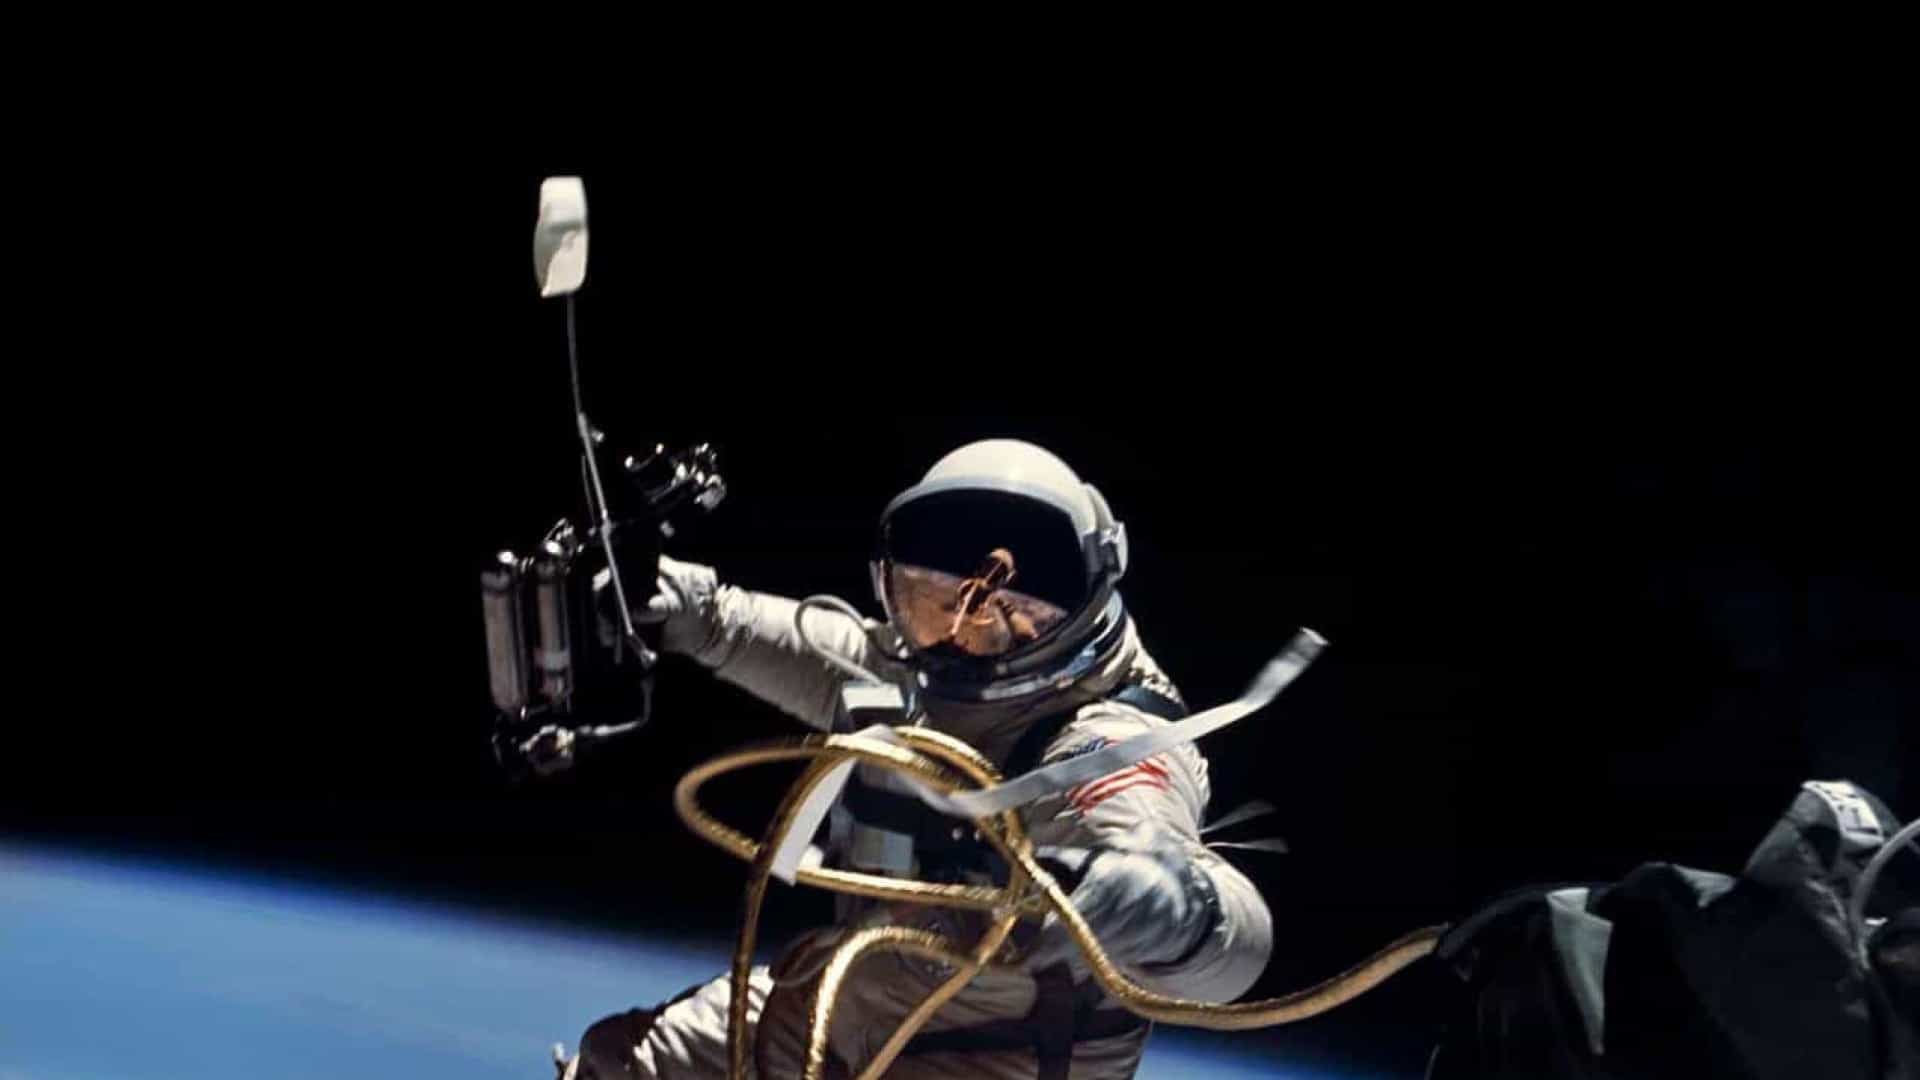 Os maiores 'tesouros' da biblioteca de imagens da NASA